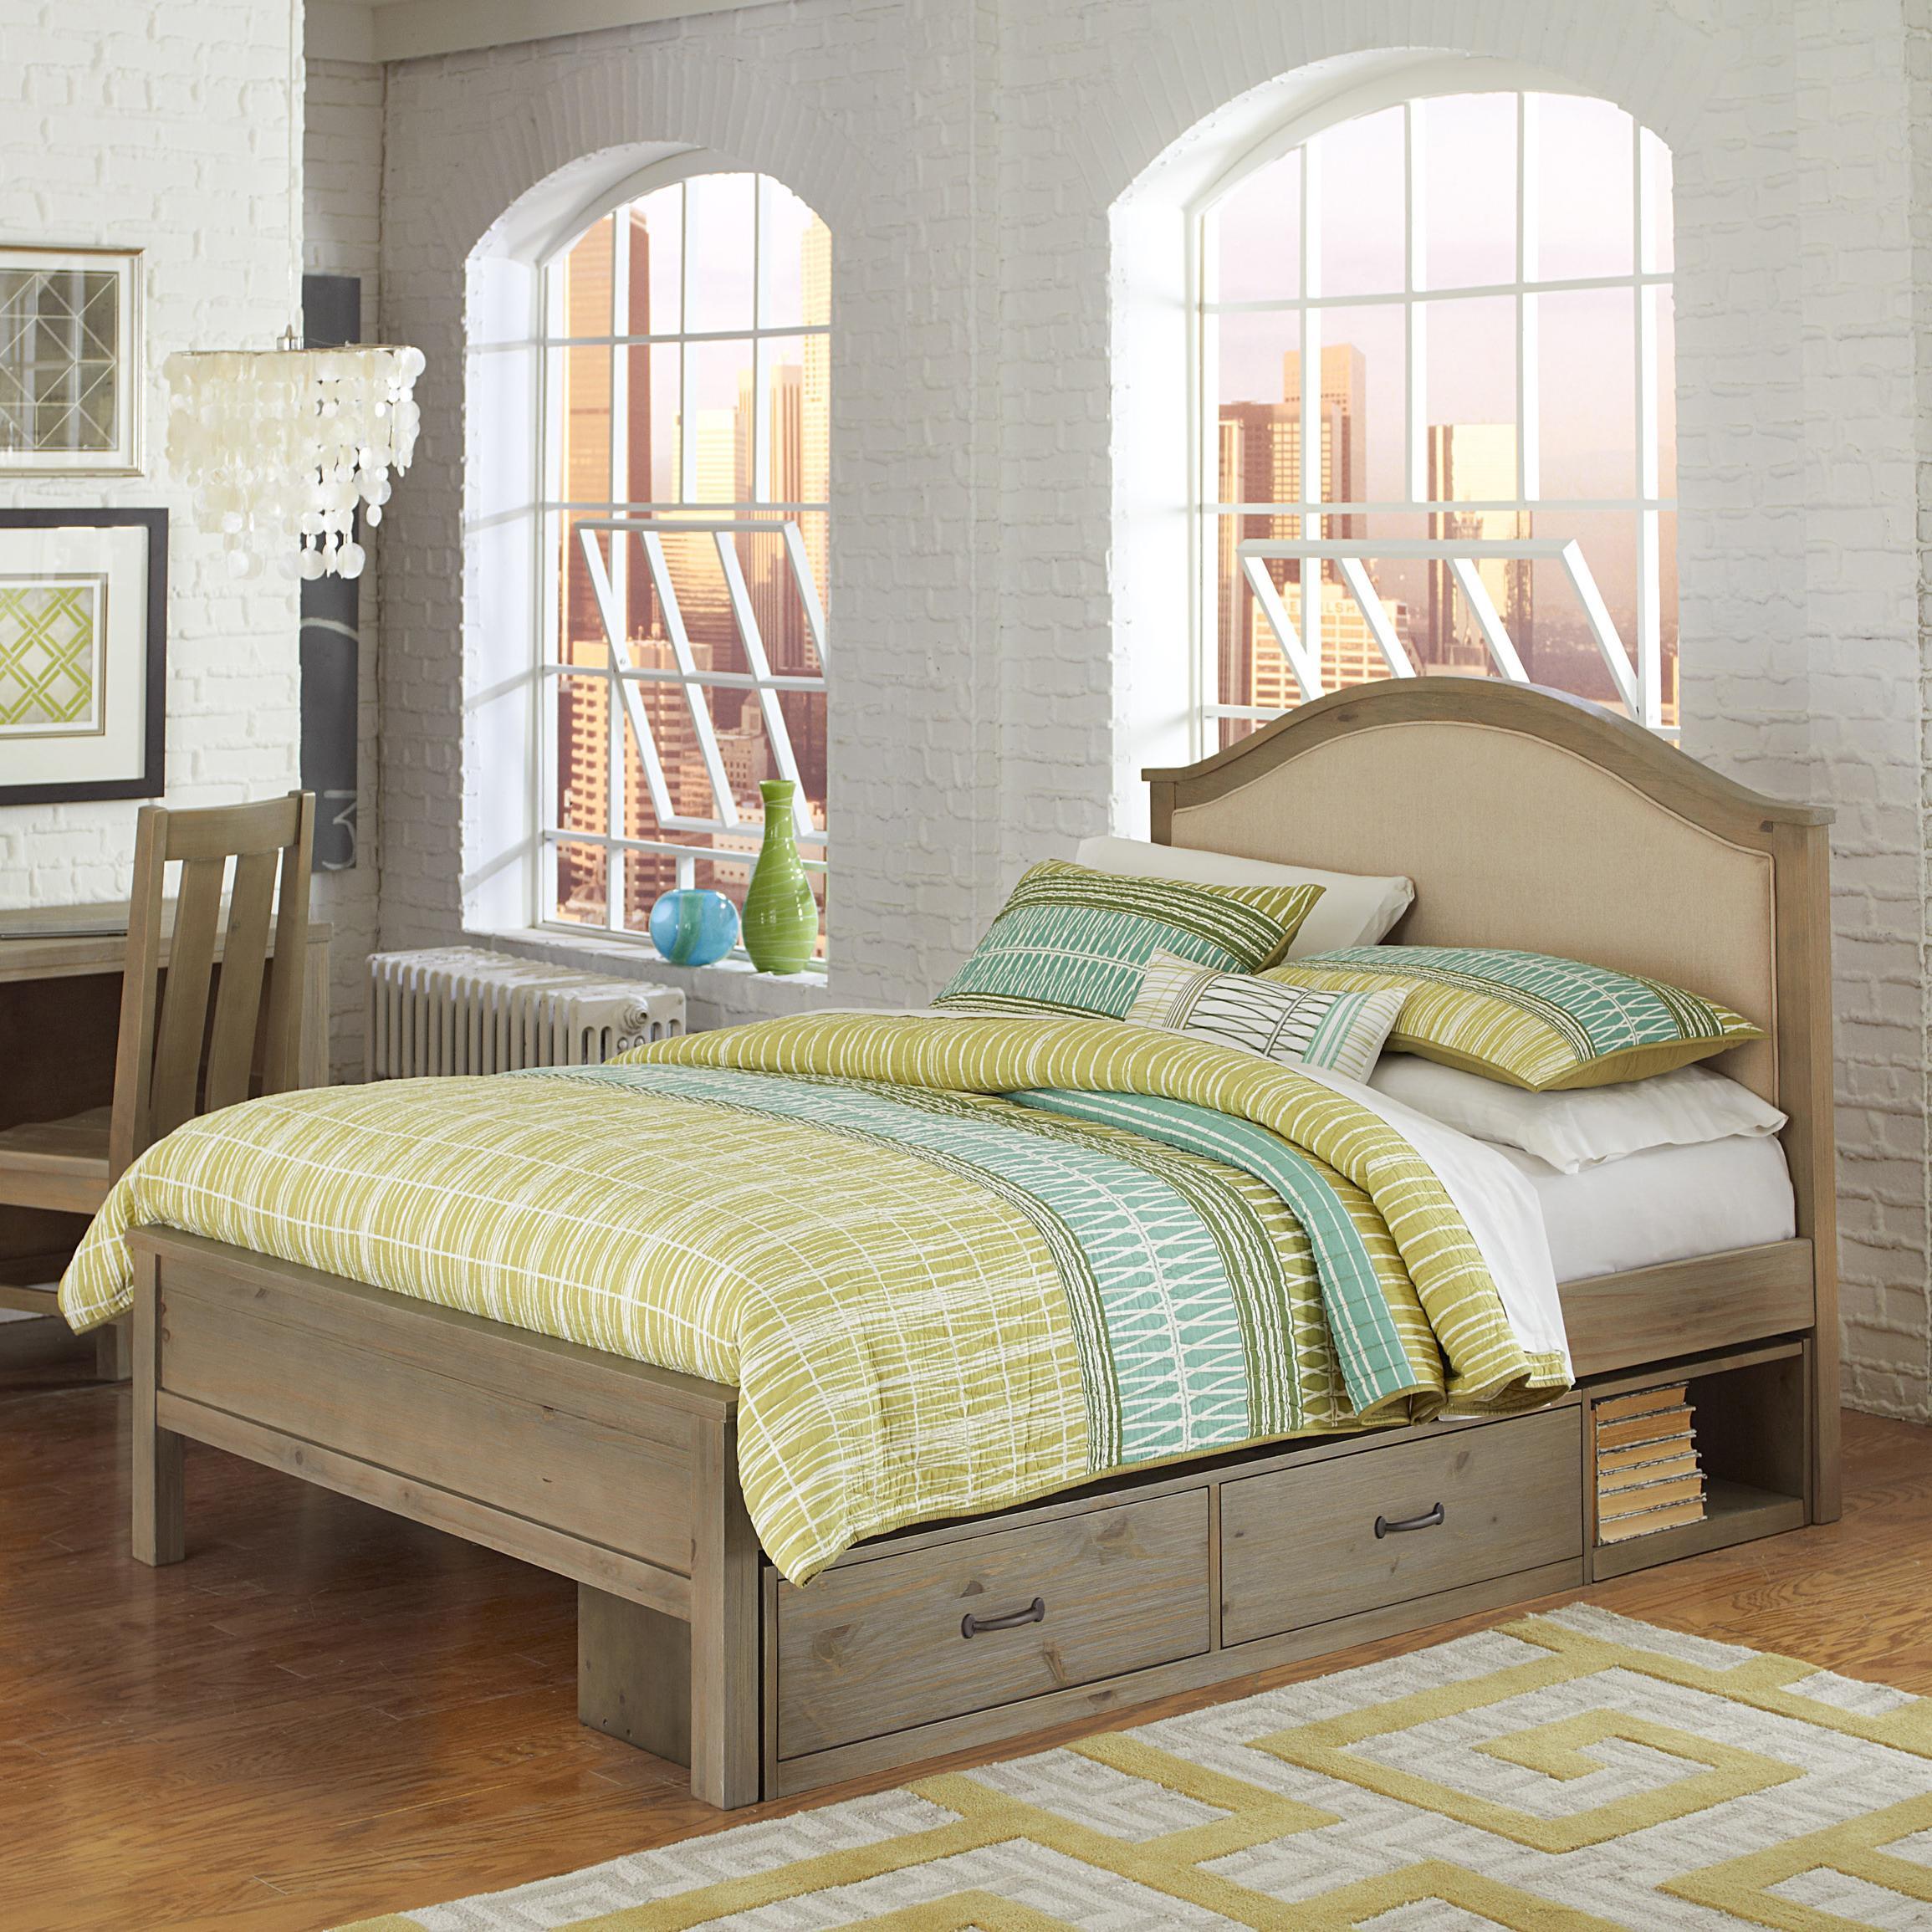 Low platform beds with storage Marble Platform Ne Kids Highlandsfull Bailey Upholstered Bed With Storage Becker Furniture World Ne Kids Highlands Full Bailey Bed With Cream Upholstered Headboard